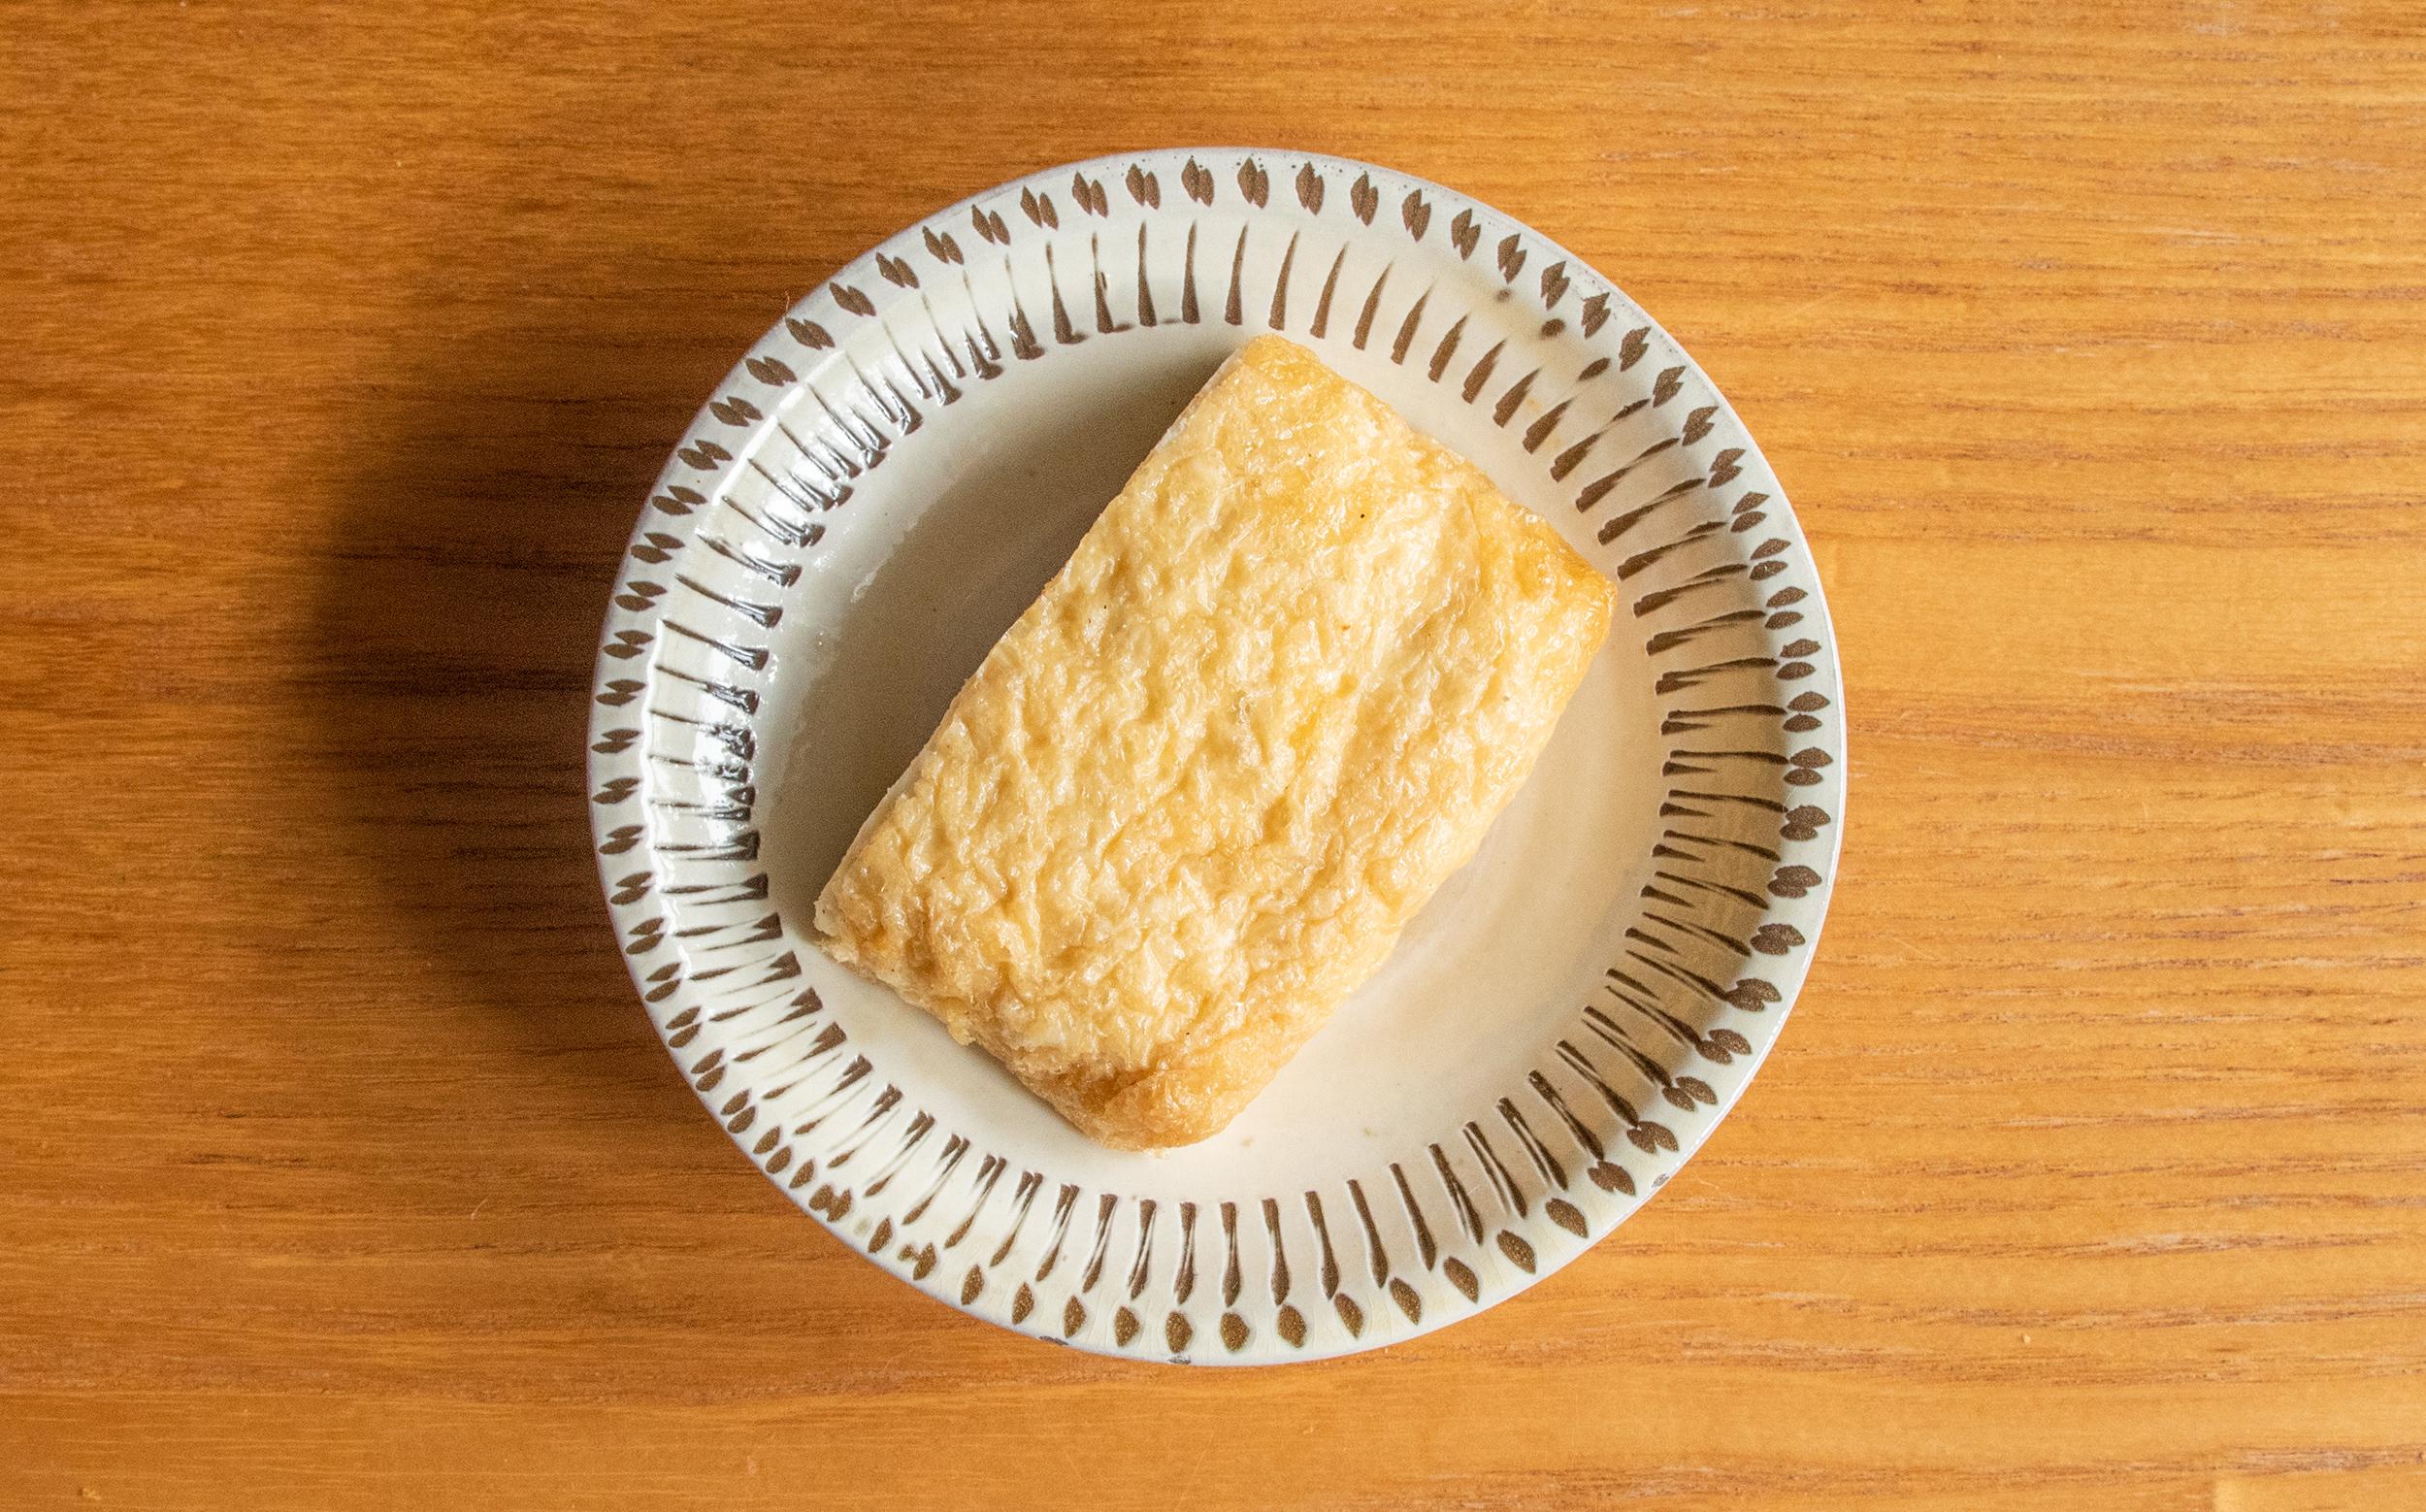 後藤蒲鉾店(品川区 戸越)おでん種:カニチーズいなり